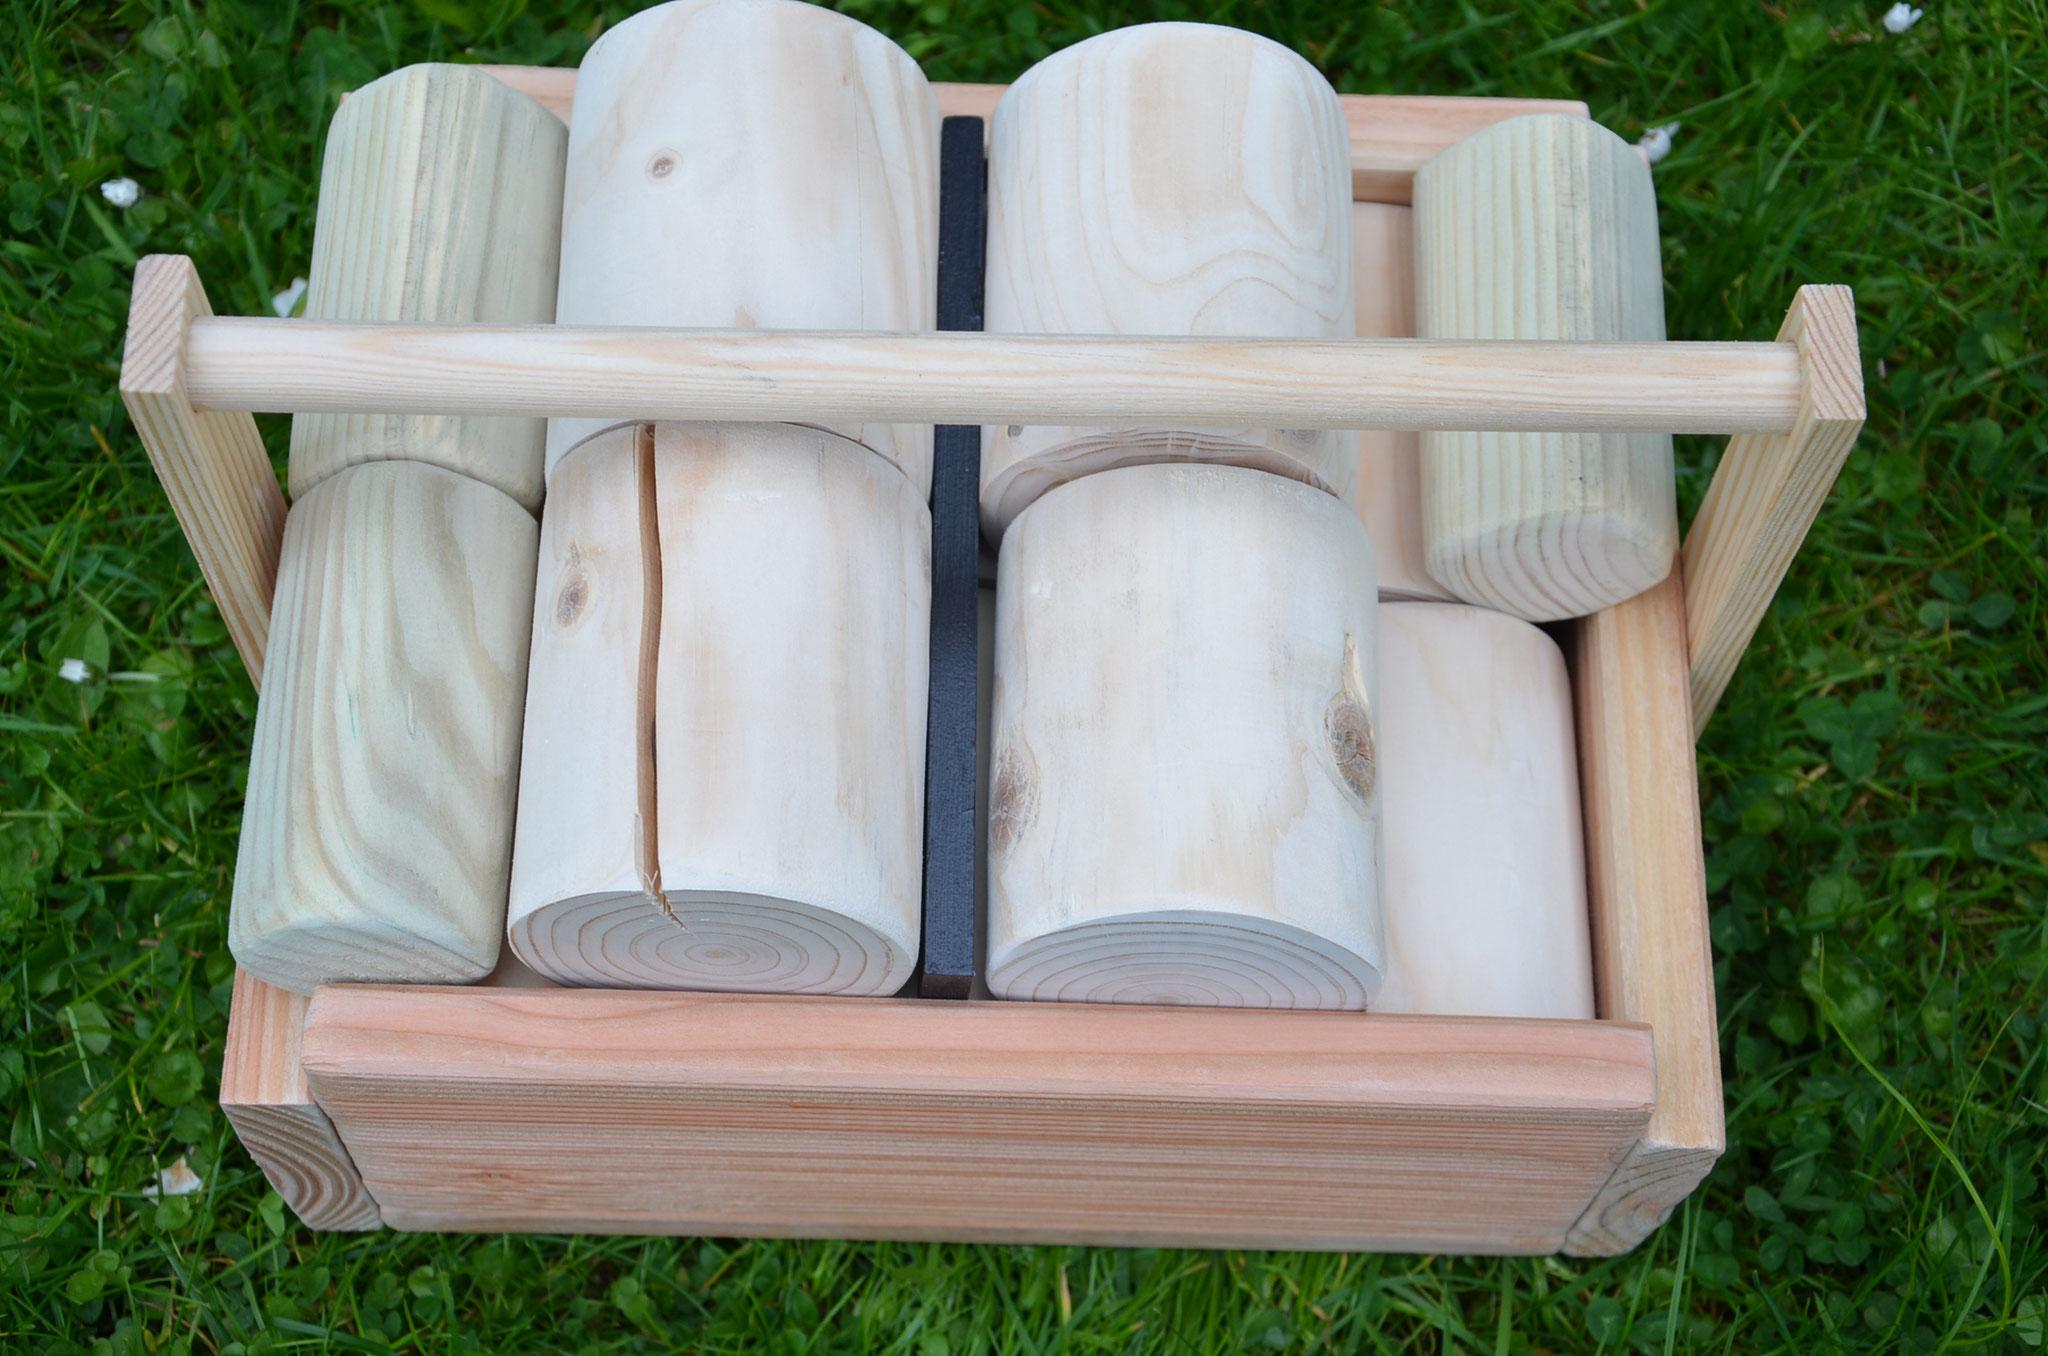 Meine Outdoorspiele: Holzdosenwerfen klein